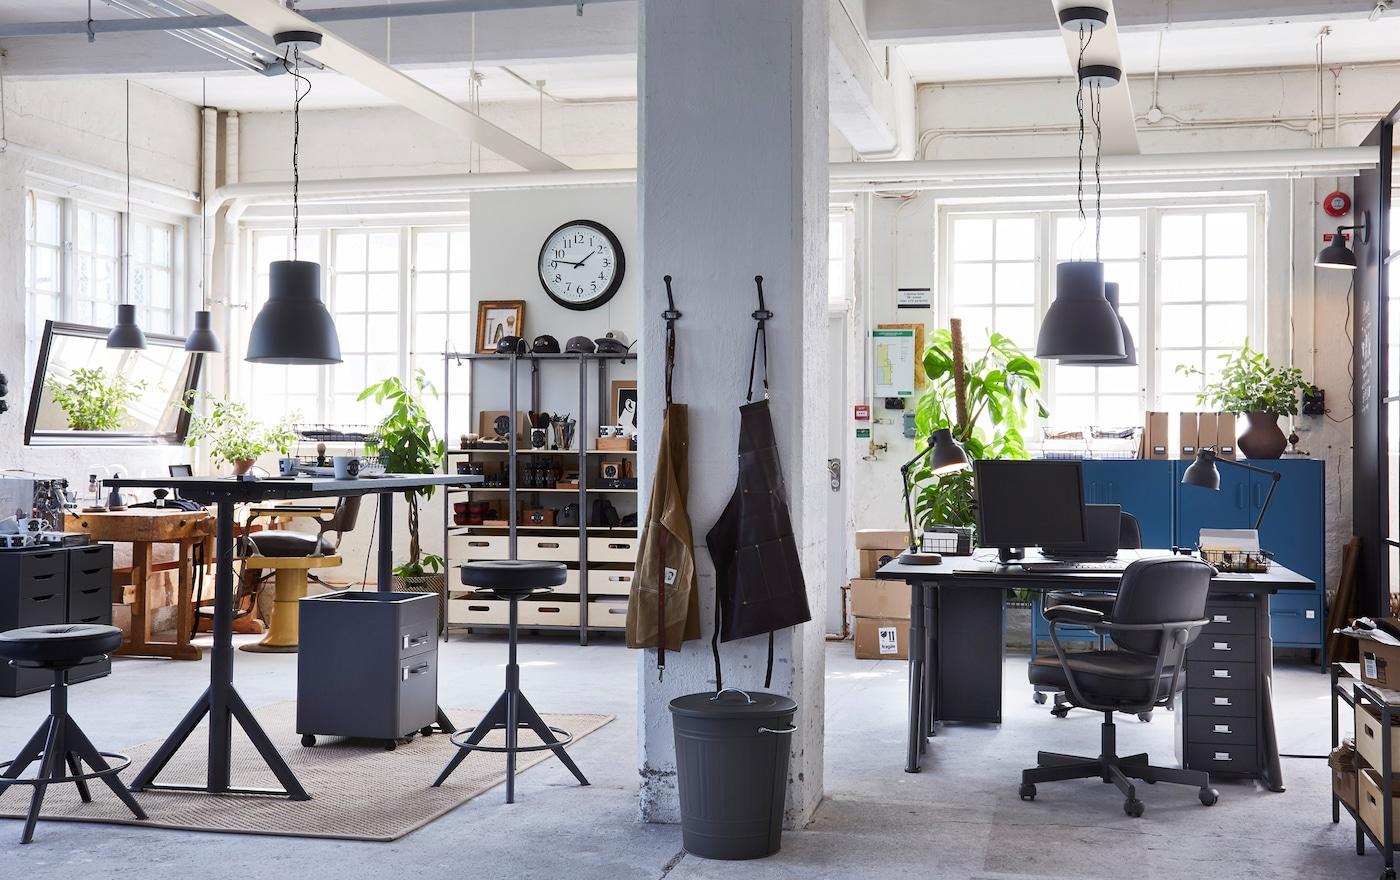 أثاث المكاتب IDÅSEN من ايكيا مرن للمكاتب الكبيرة والصغيرة مثل هذا المكتب بمساحة عمل بيضاء على الطراز الصناعي. يمكن التحكم في المكاتب من خلال تطبيق.